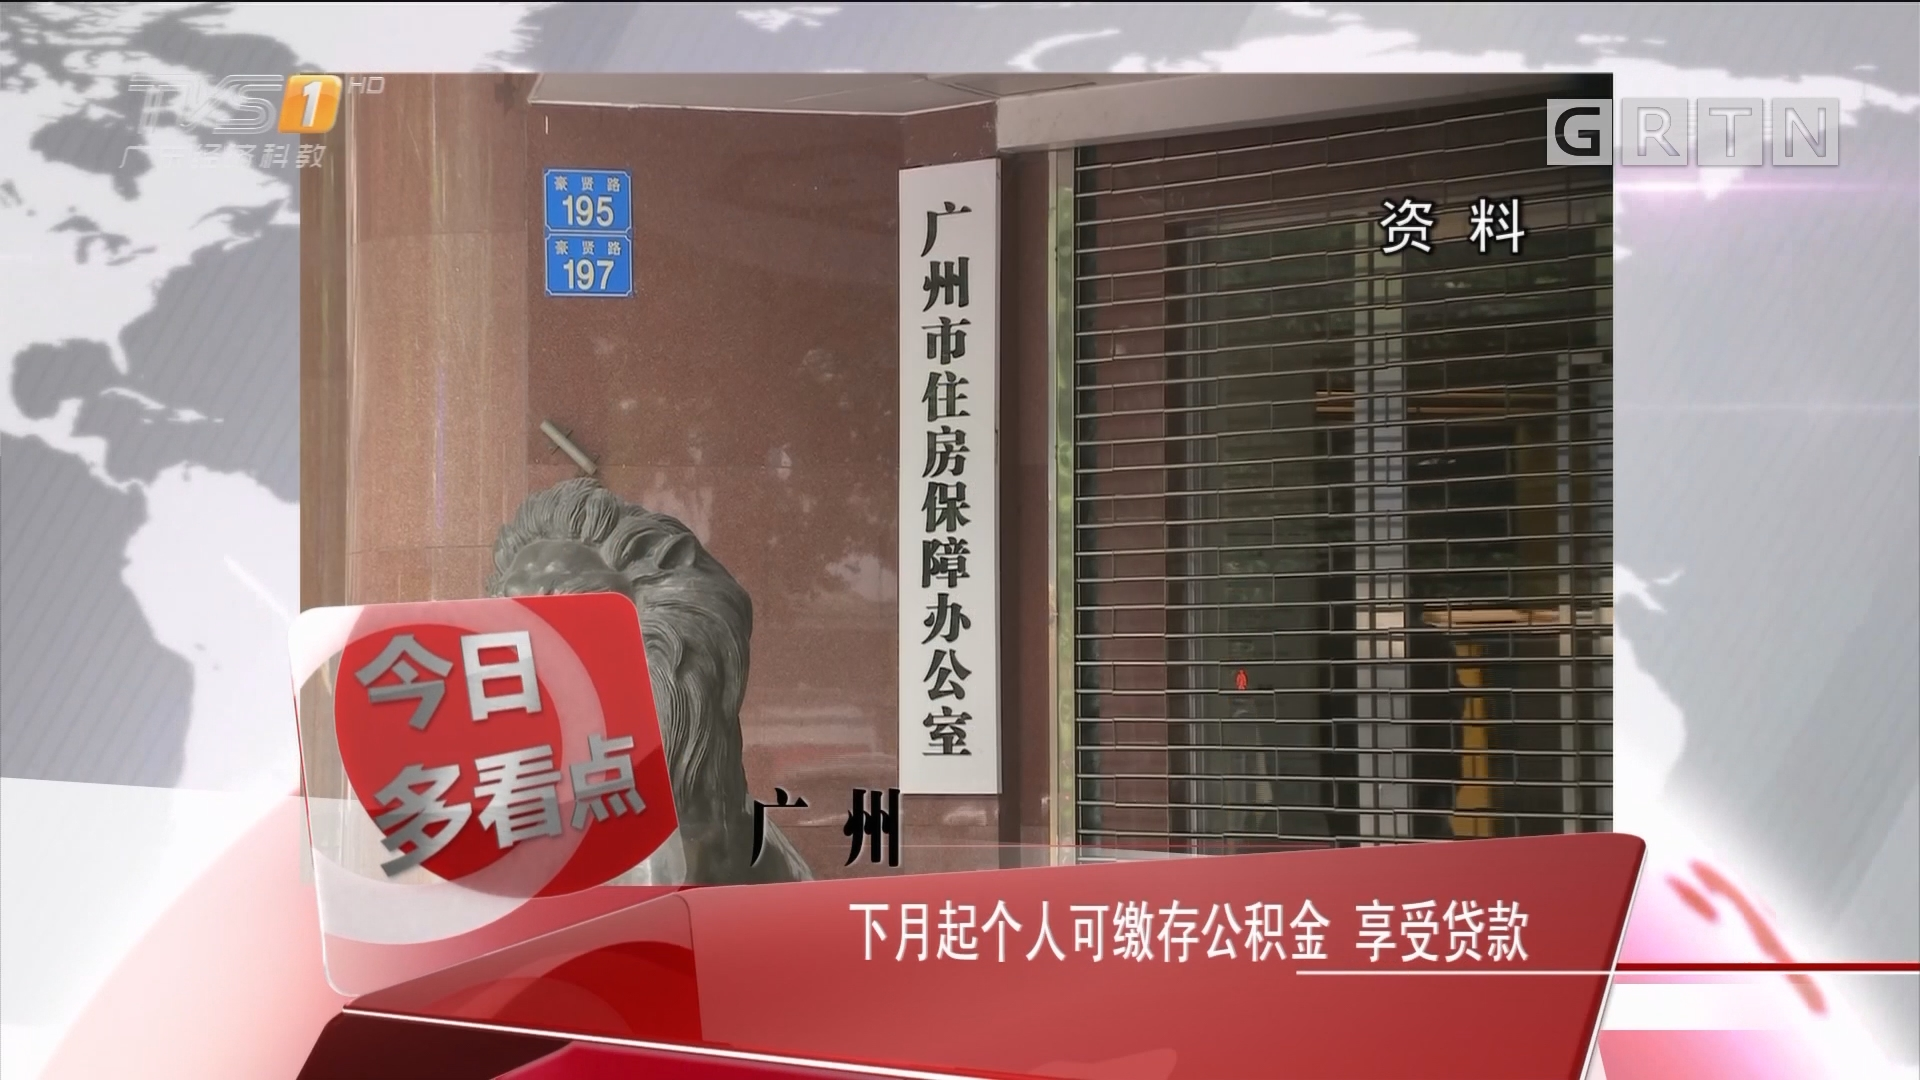 广州:下月起个人可缴存公积金 享受贷款